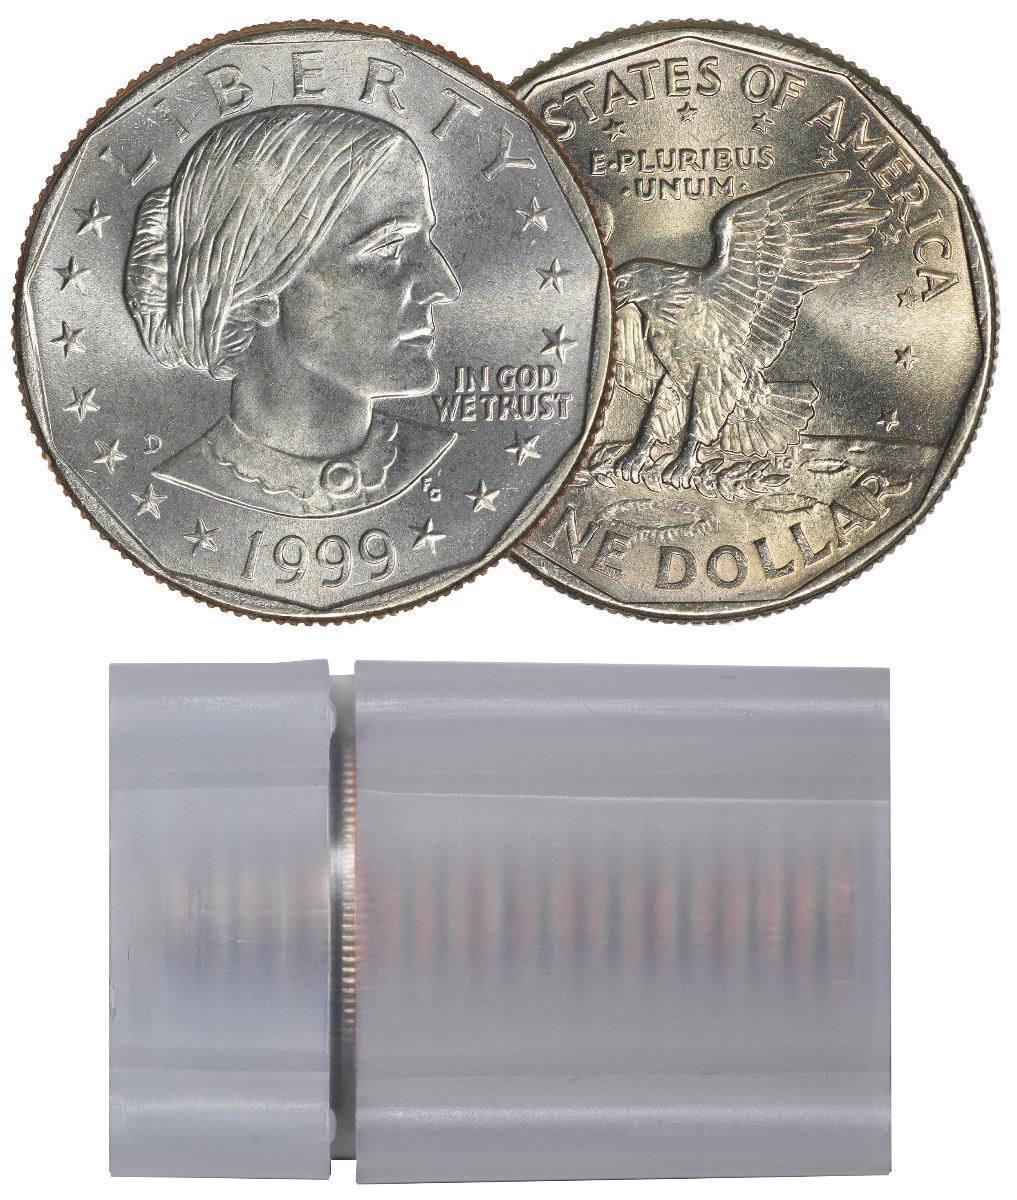 1999-D BU Susan B. Anthony Dollar Roll